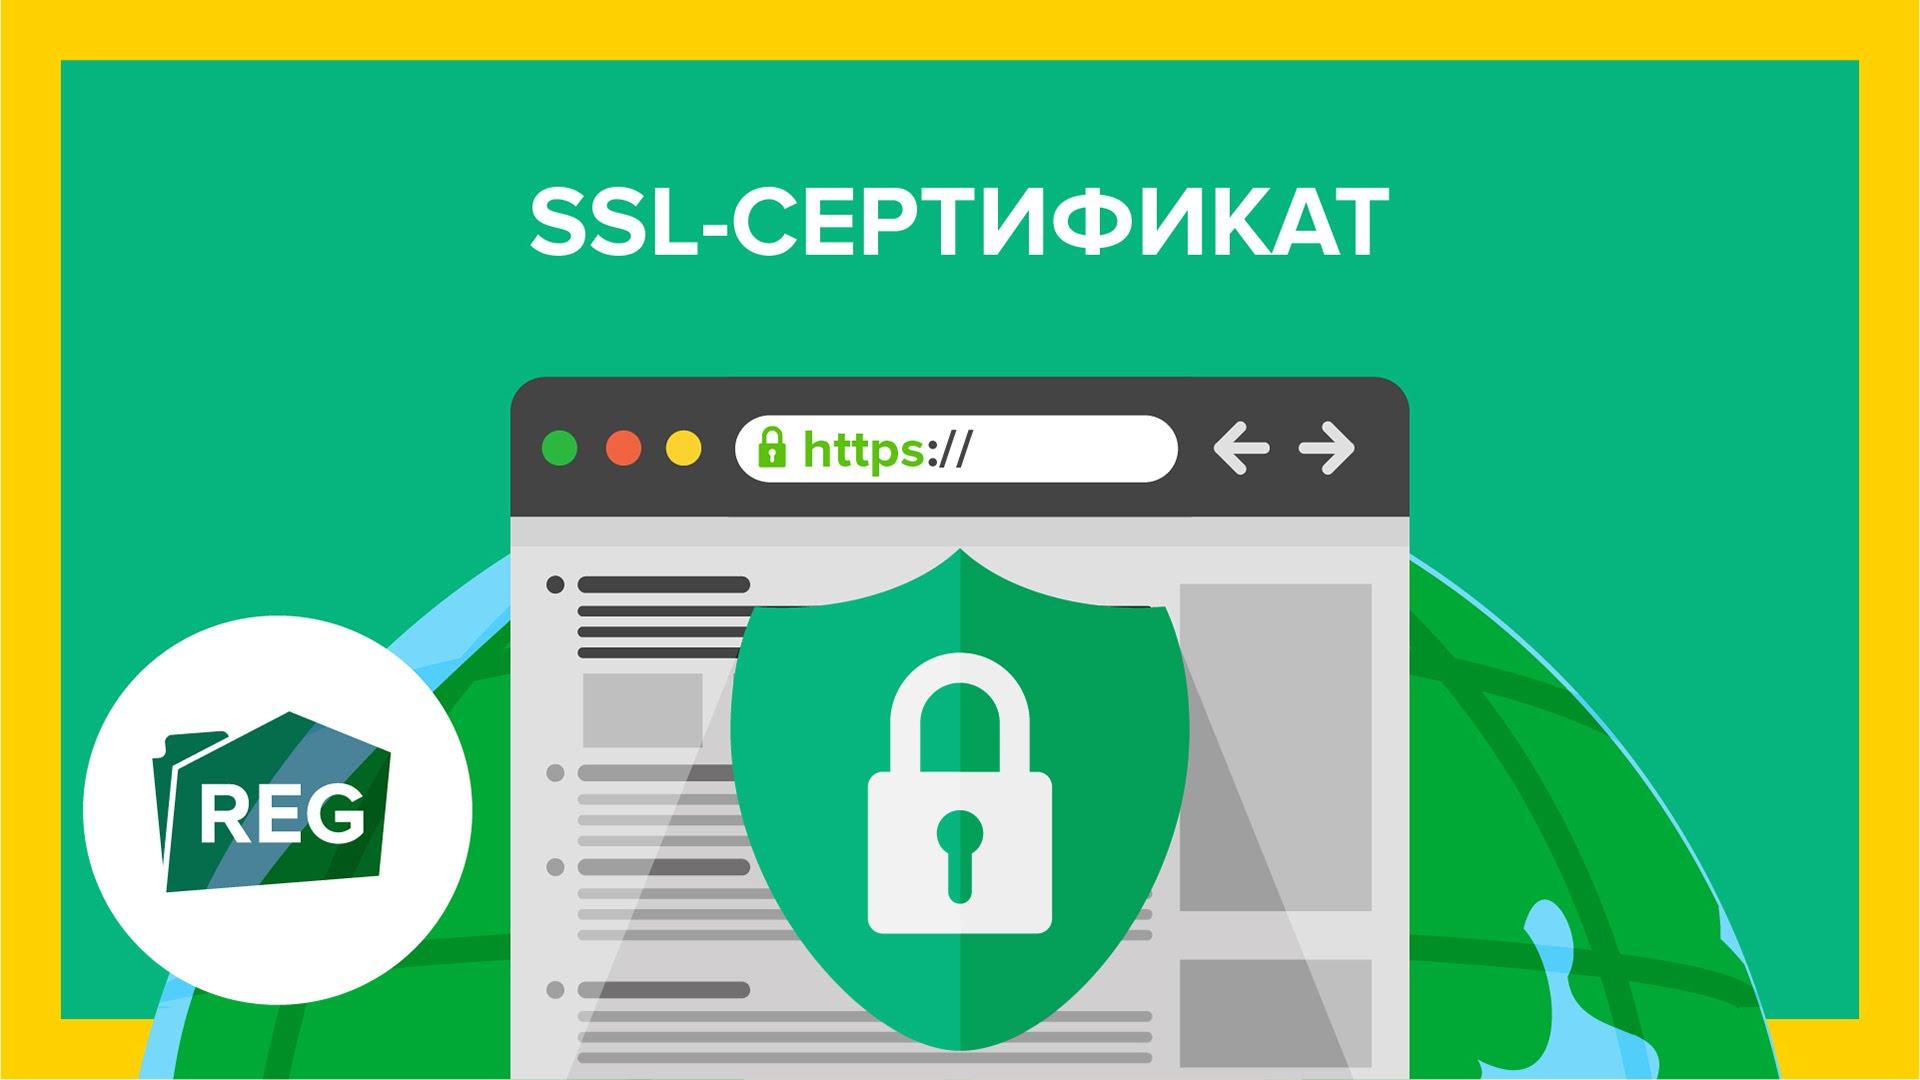 Виды SSL сертификатов. Что необходимо о них знать